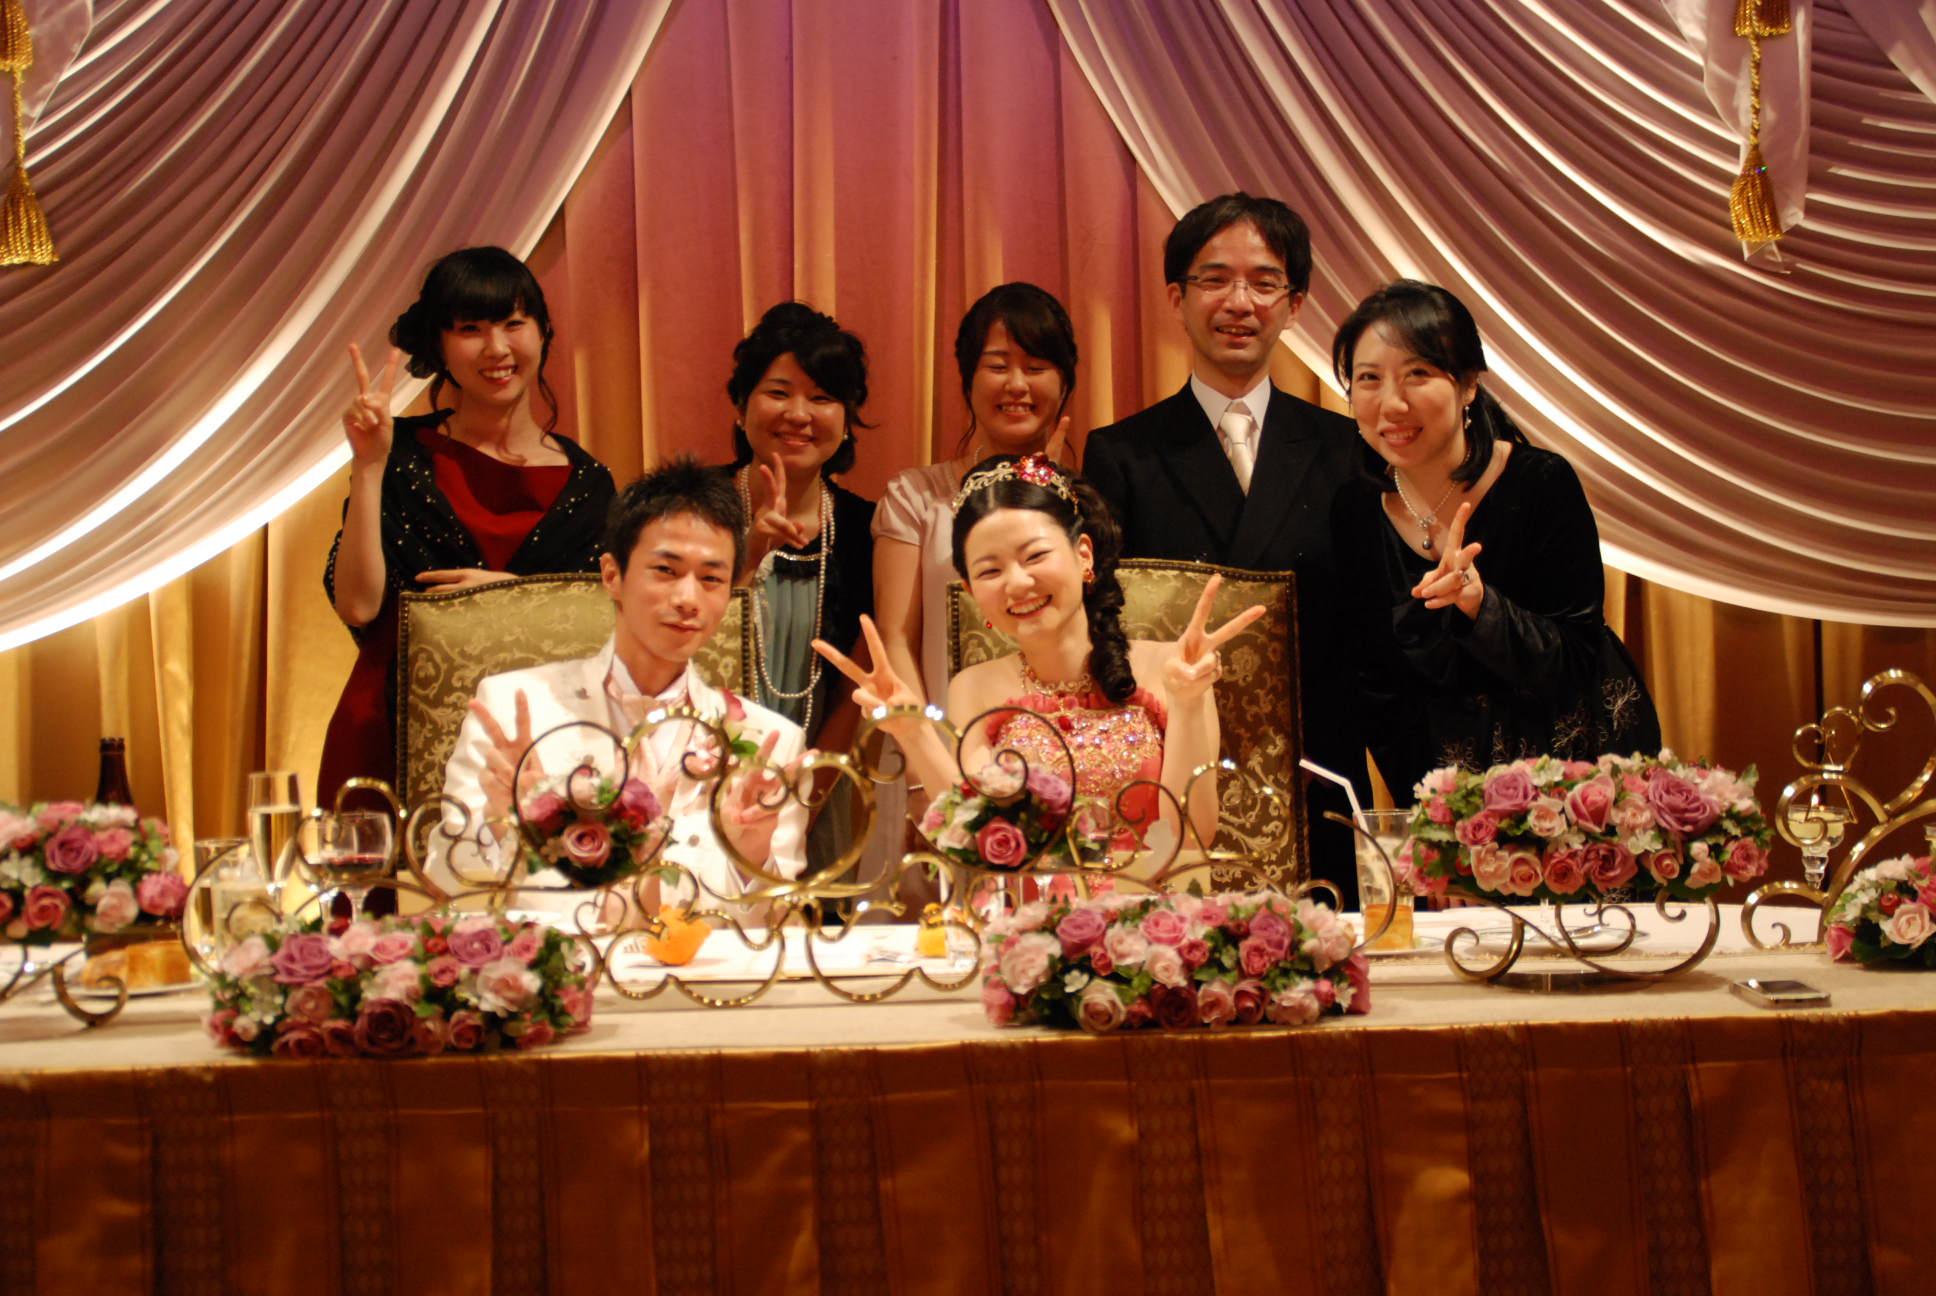 2014/11/29 スタッフさん結婚式_b0112648_10511.jpg